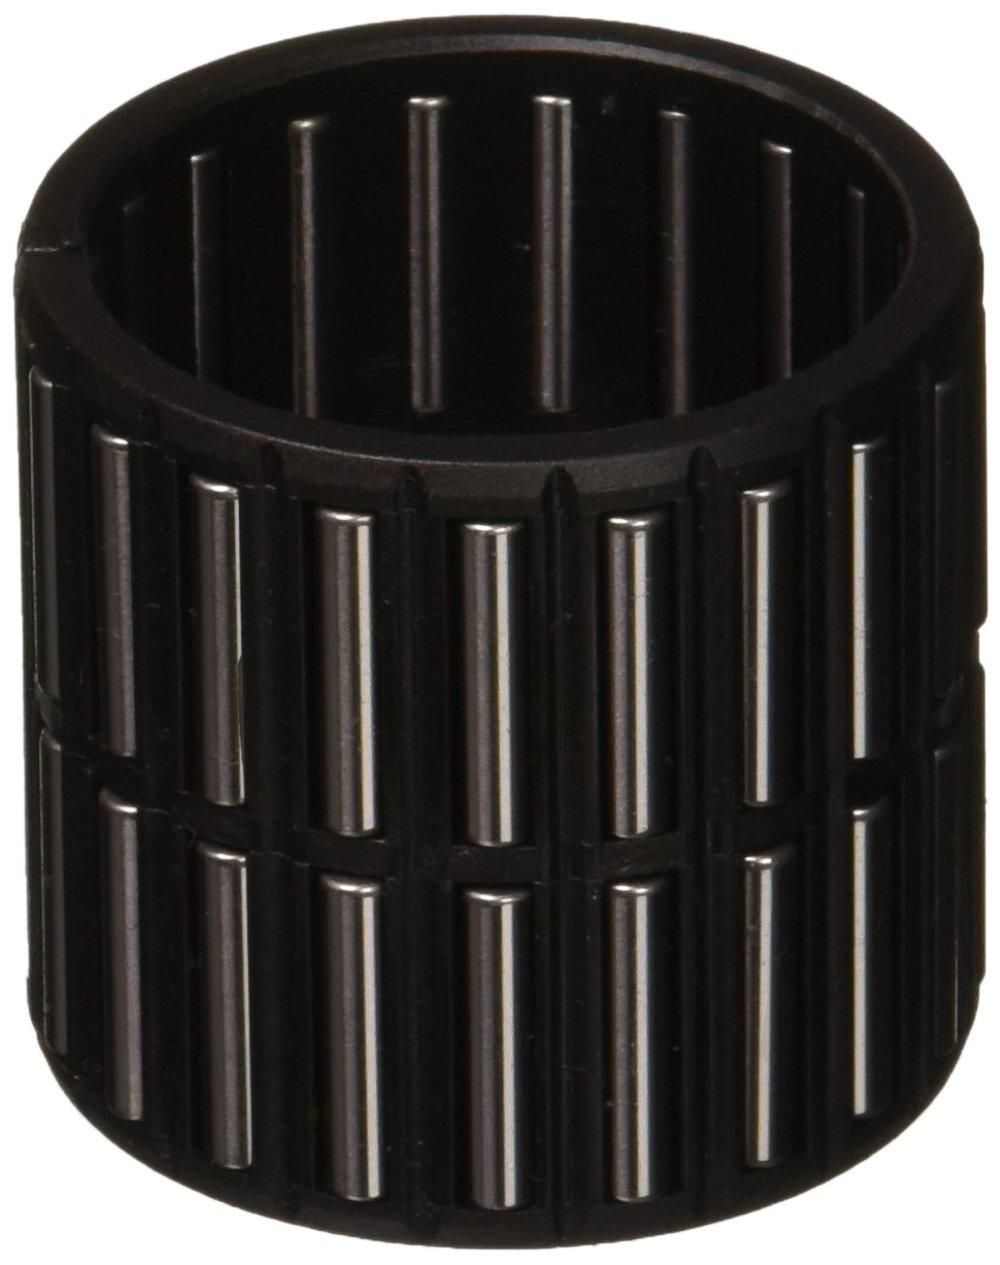 Motive Gear NV21505 N4500 5Th Gear Needle Brgs